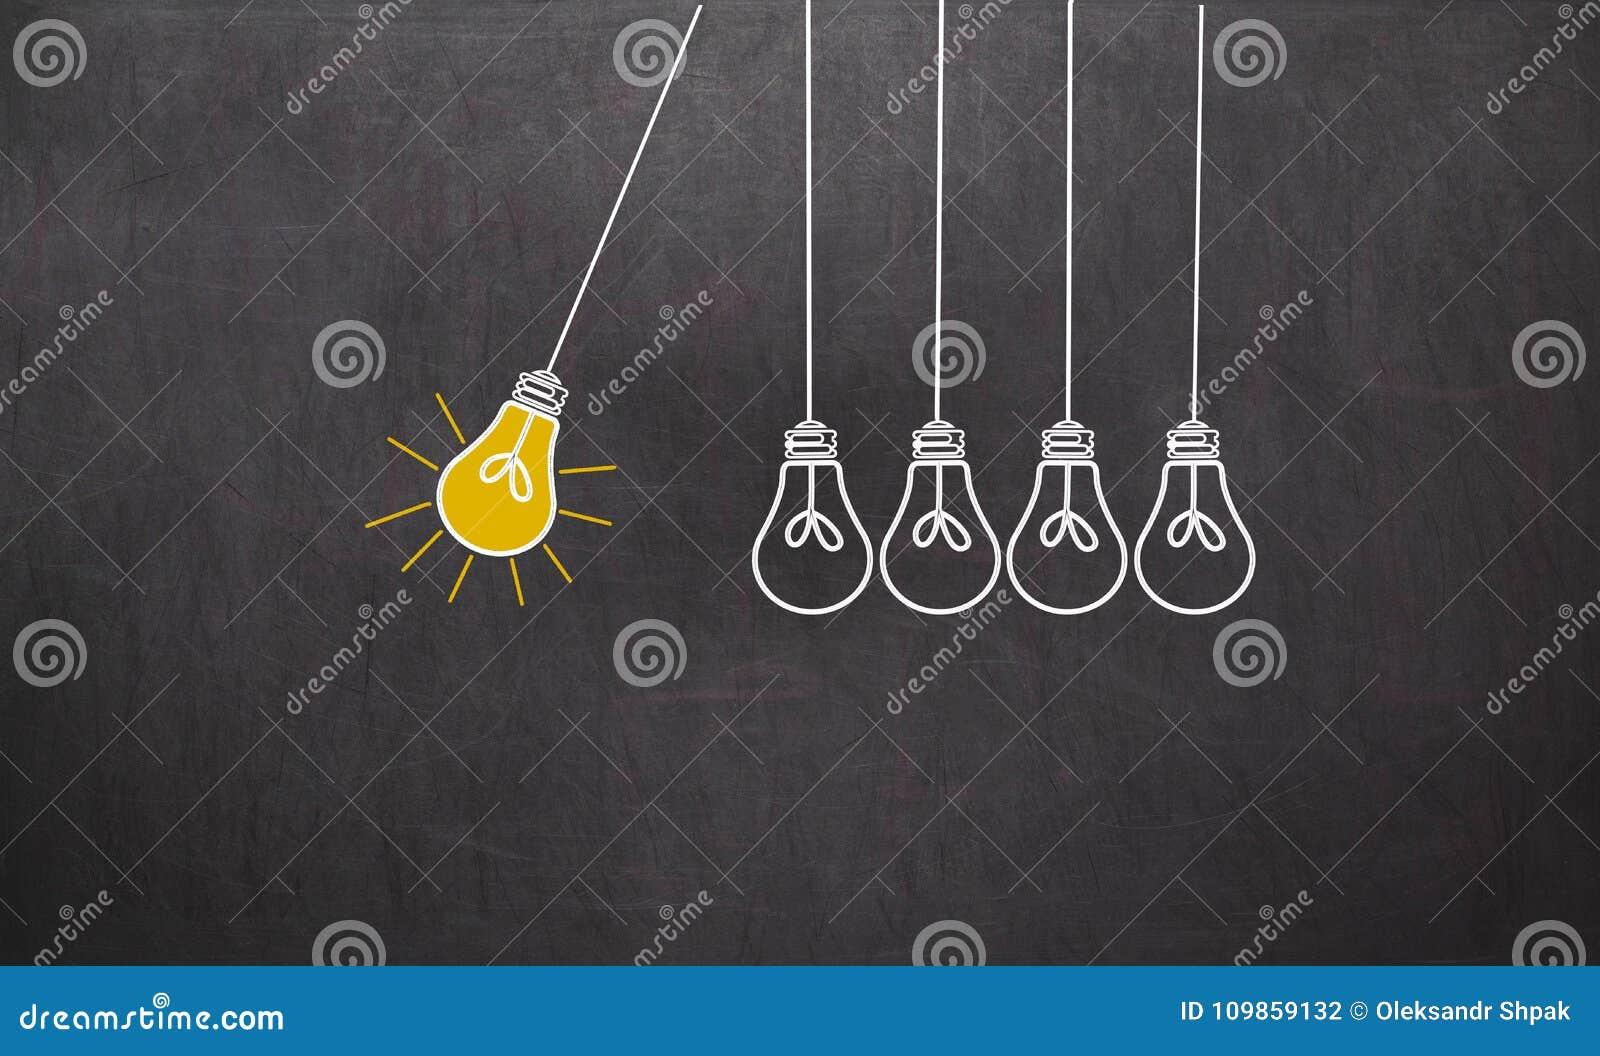 отличная идея Концепция творческих способностей с электрическими лампочками на доске